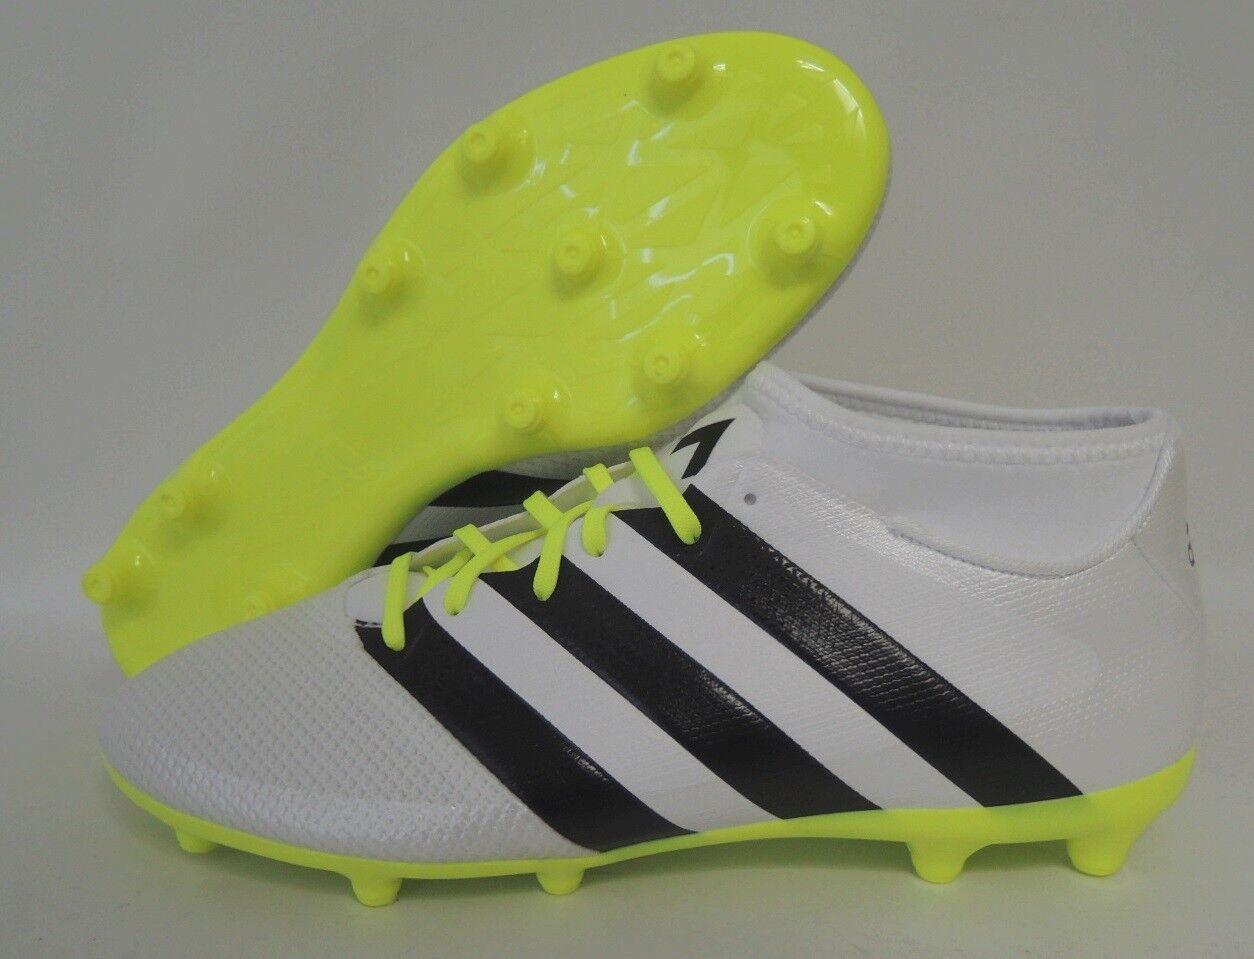 NEU adidas ACE 16.3 Primemesh FG AG damen damen damen 43 1 3 Socken Fußballschuhe AQ3413 0fac0d